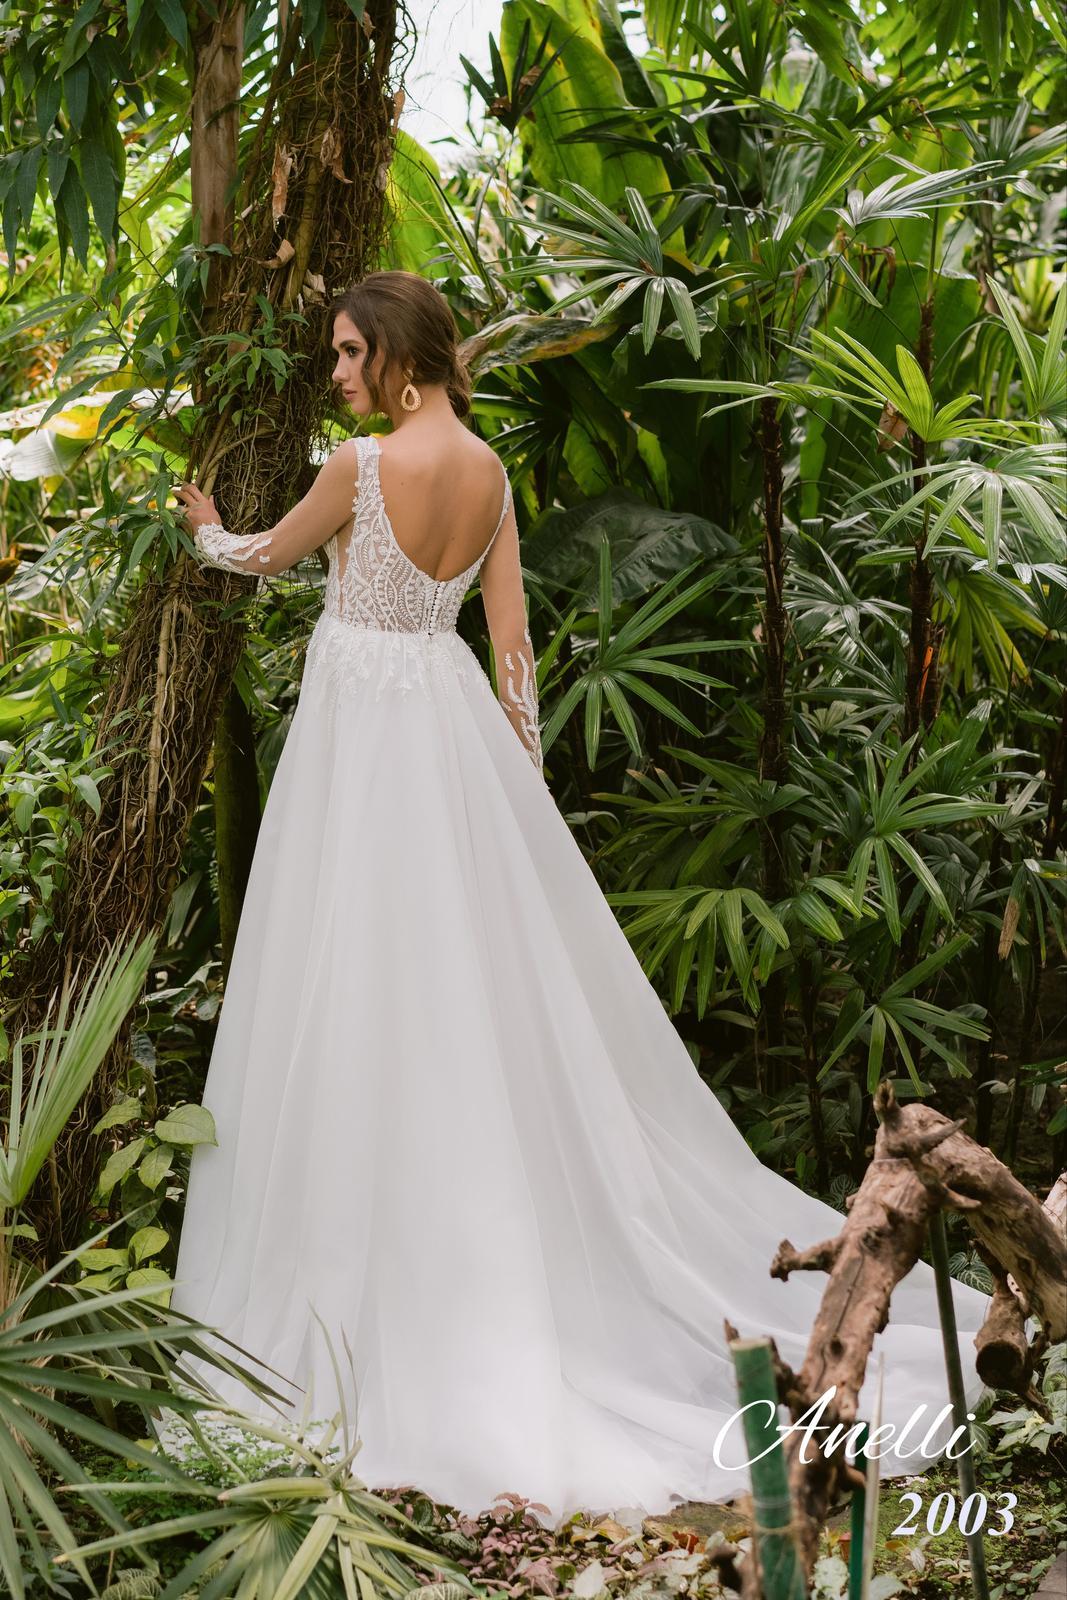 Svadobné šaty - Breeze 2003 - Obrázok č. 3